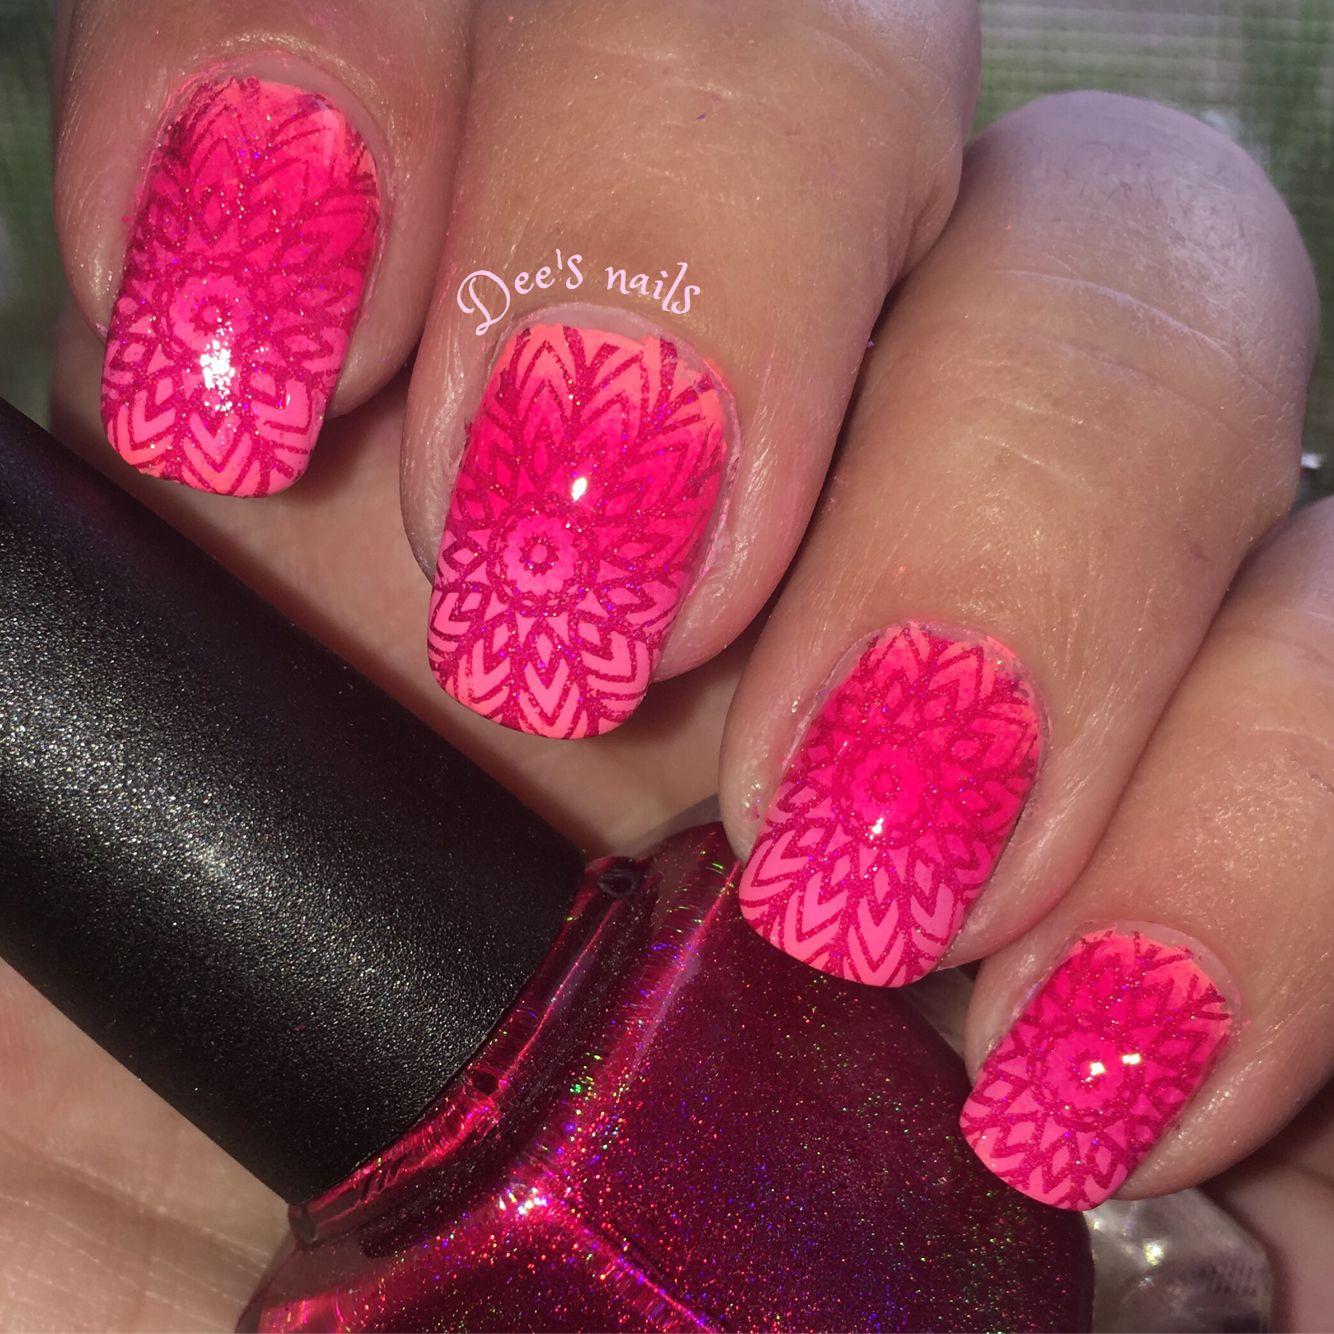 Stamped nails using CBL hey Romeo